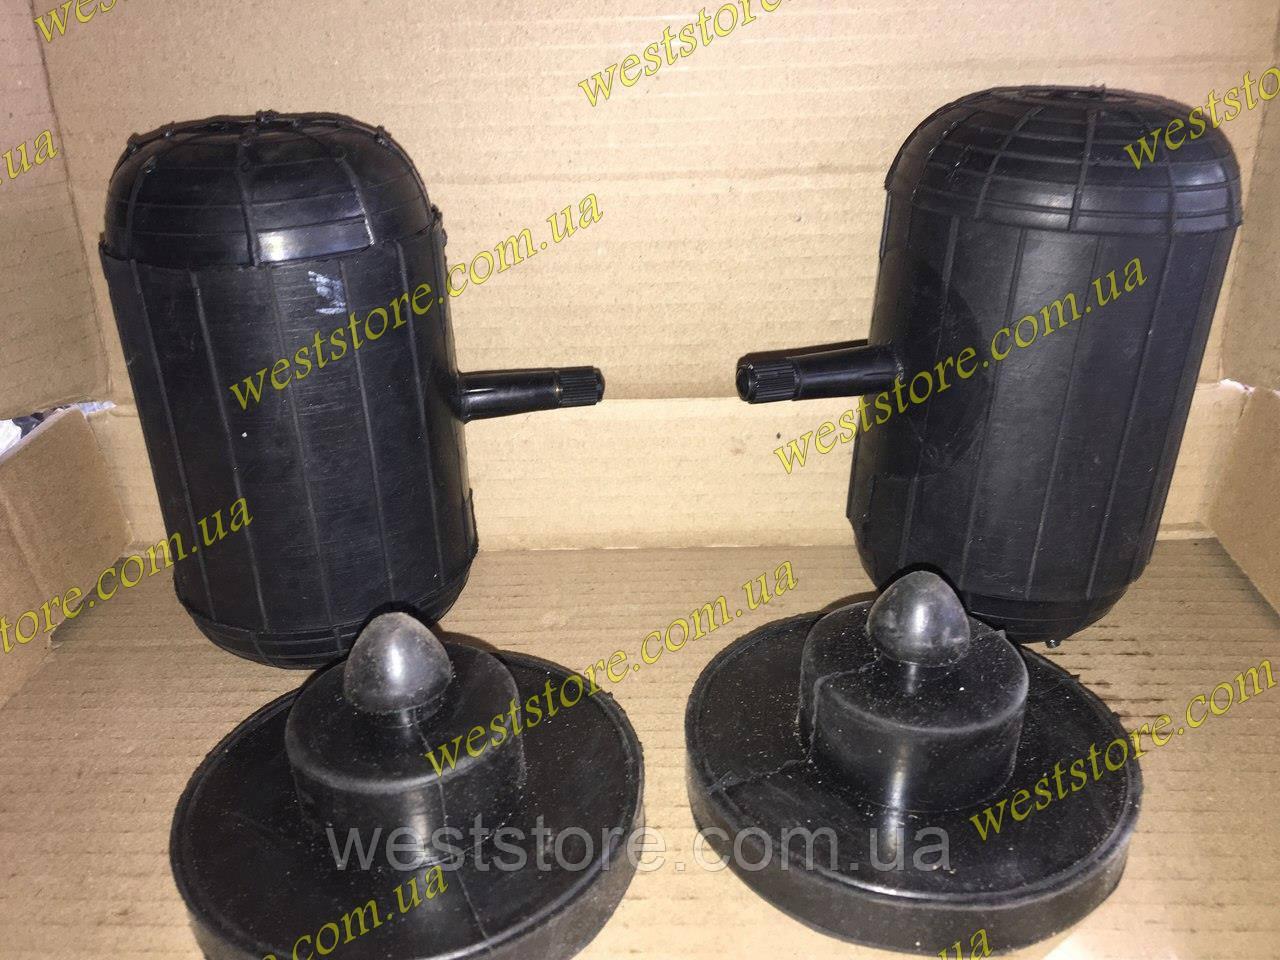 Усилители пружин пневмо,пневмоподушки малые сосок боковой универсальные (d 74, h 120)